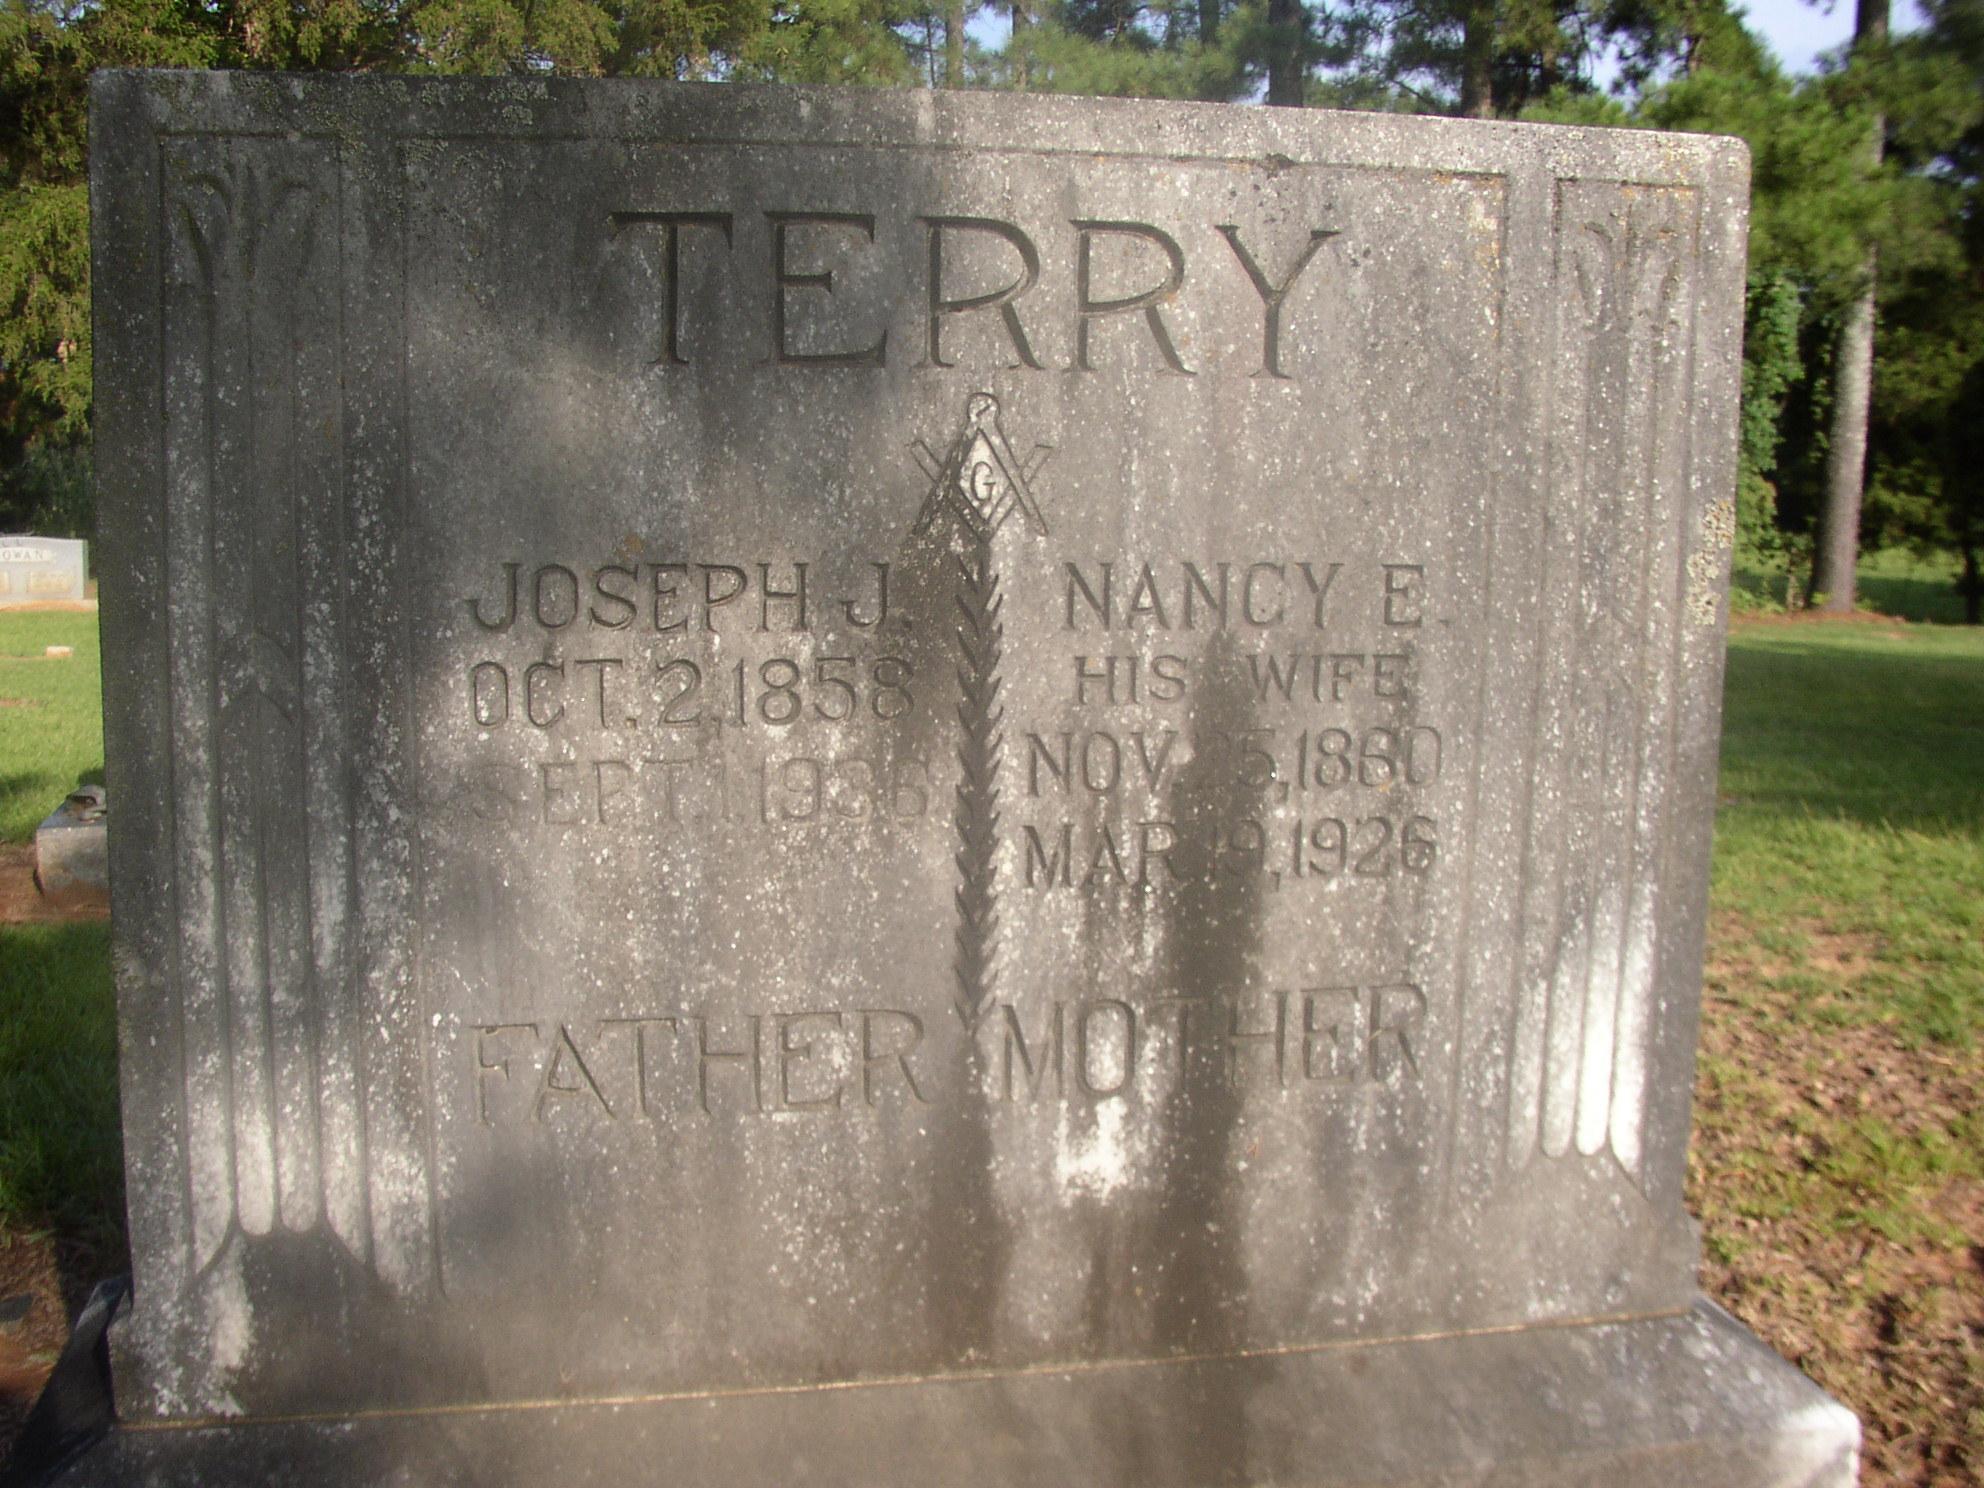 Joe J Terry